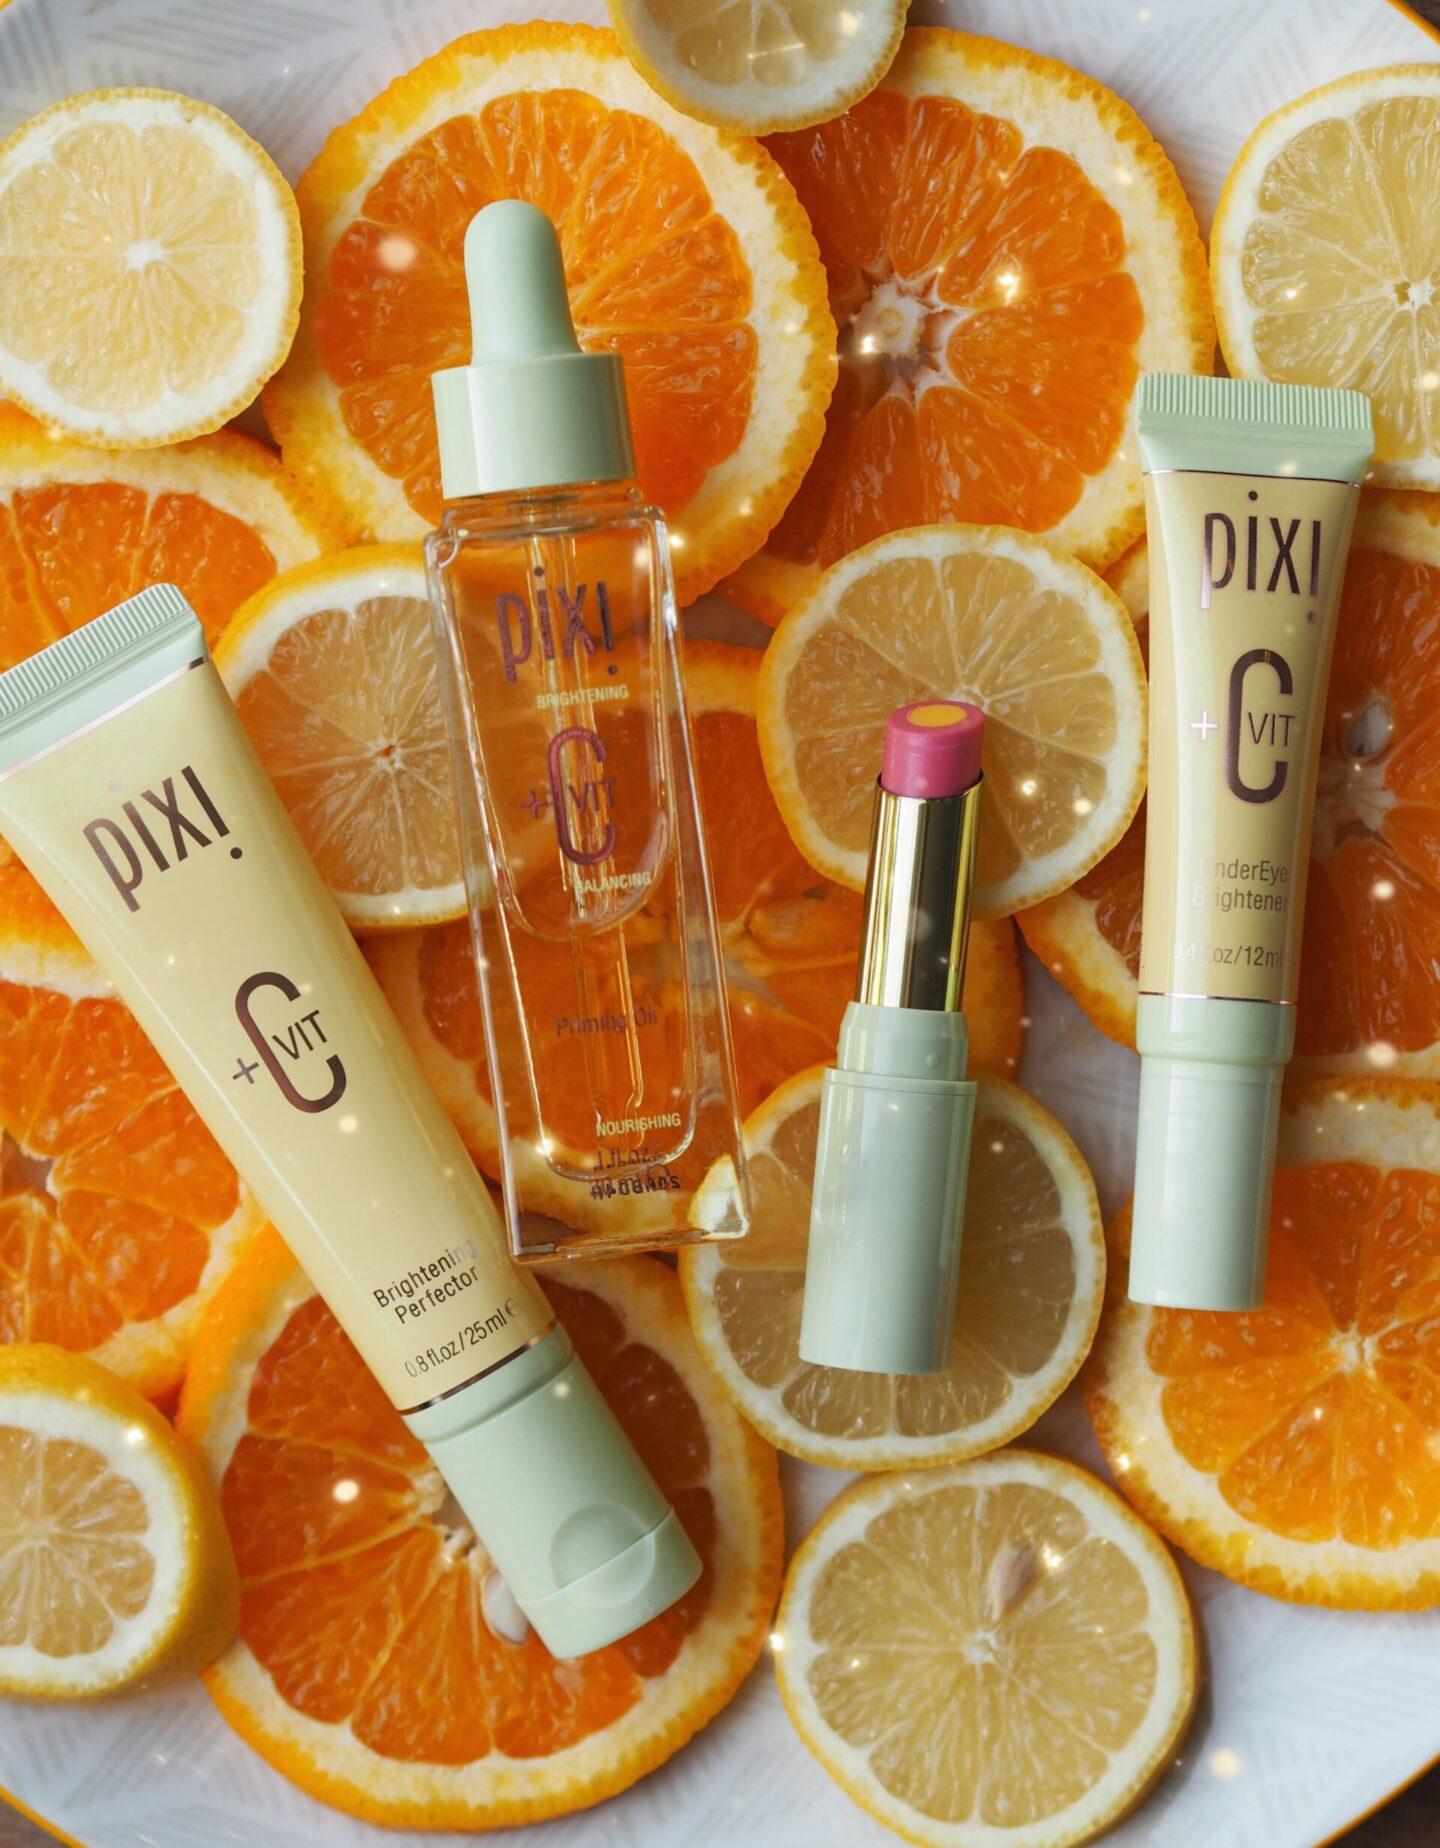 PIXI +C Vit Colourtreats